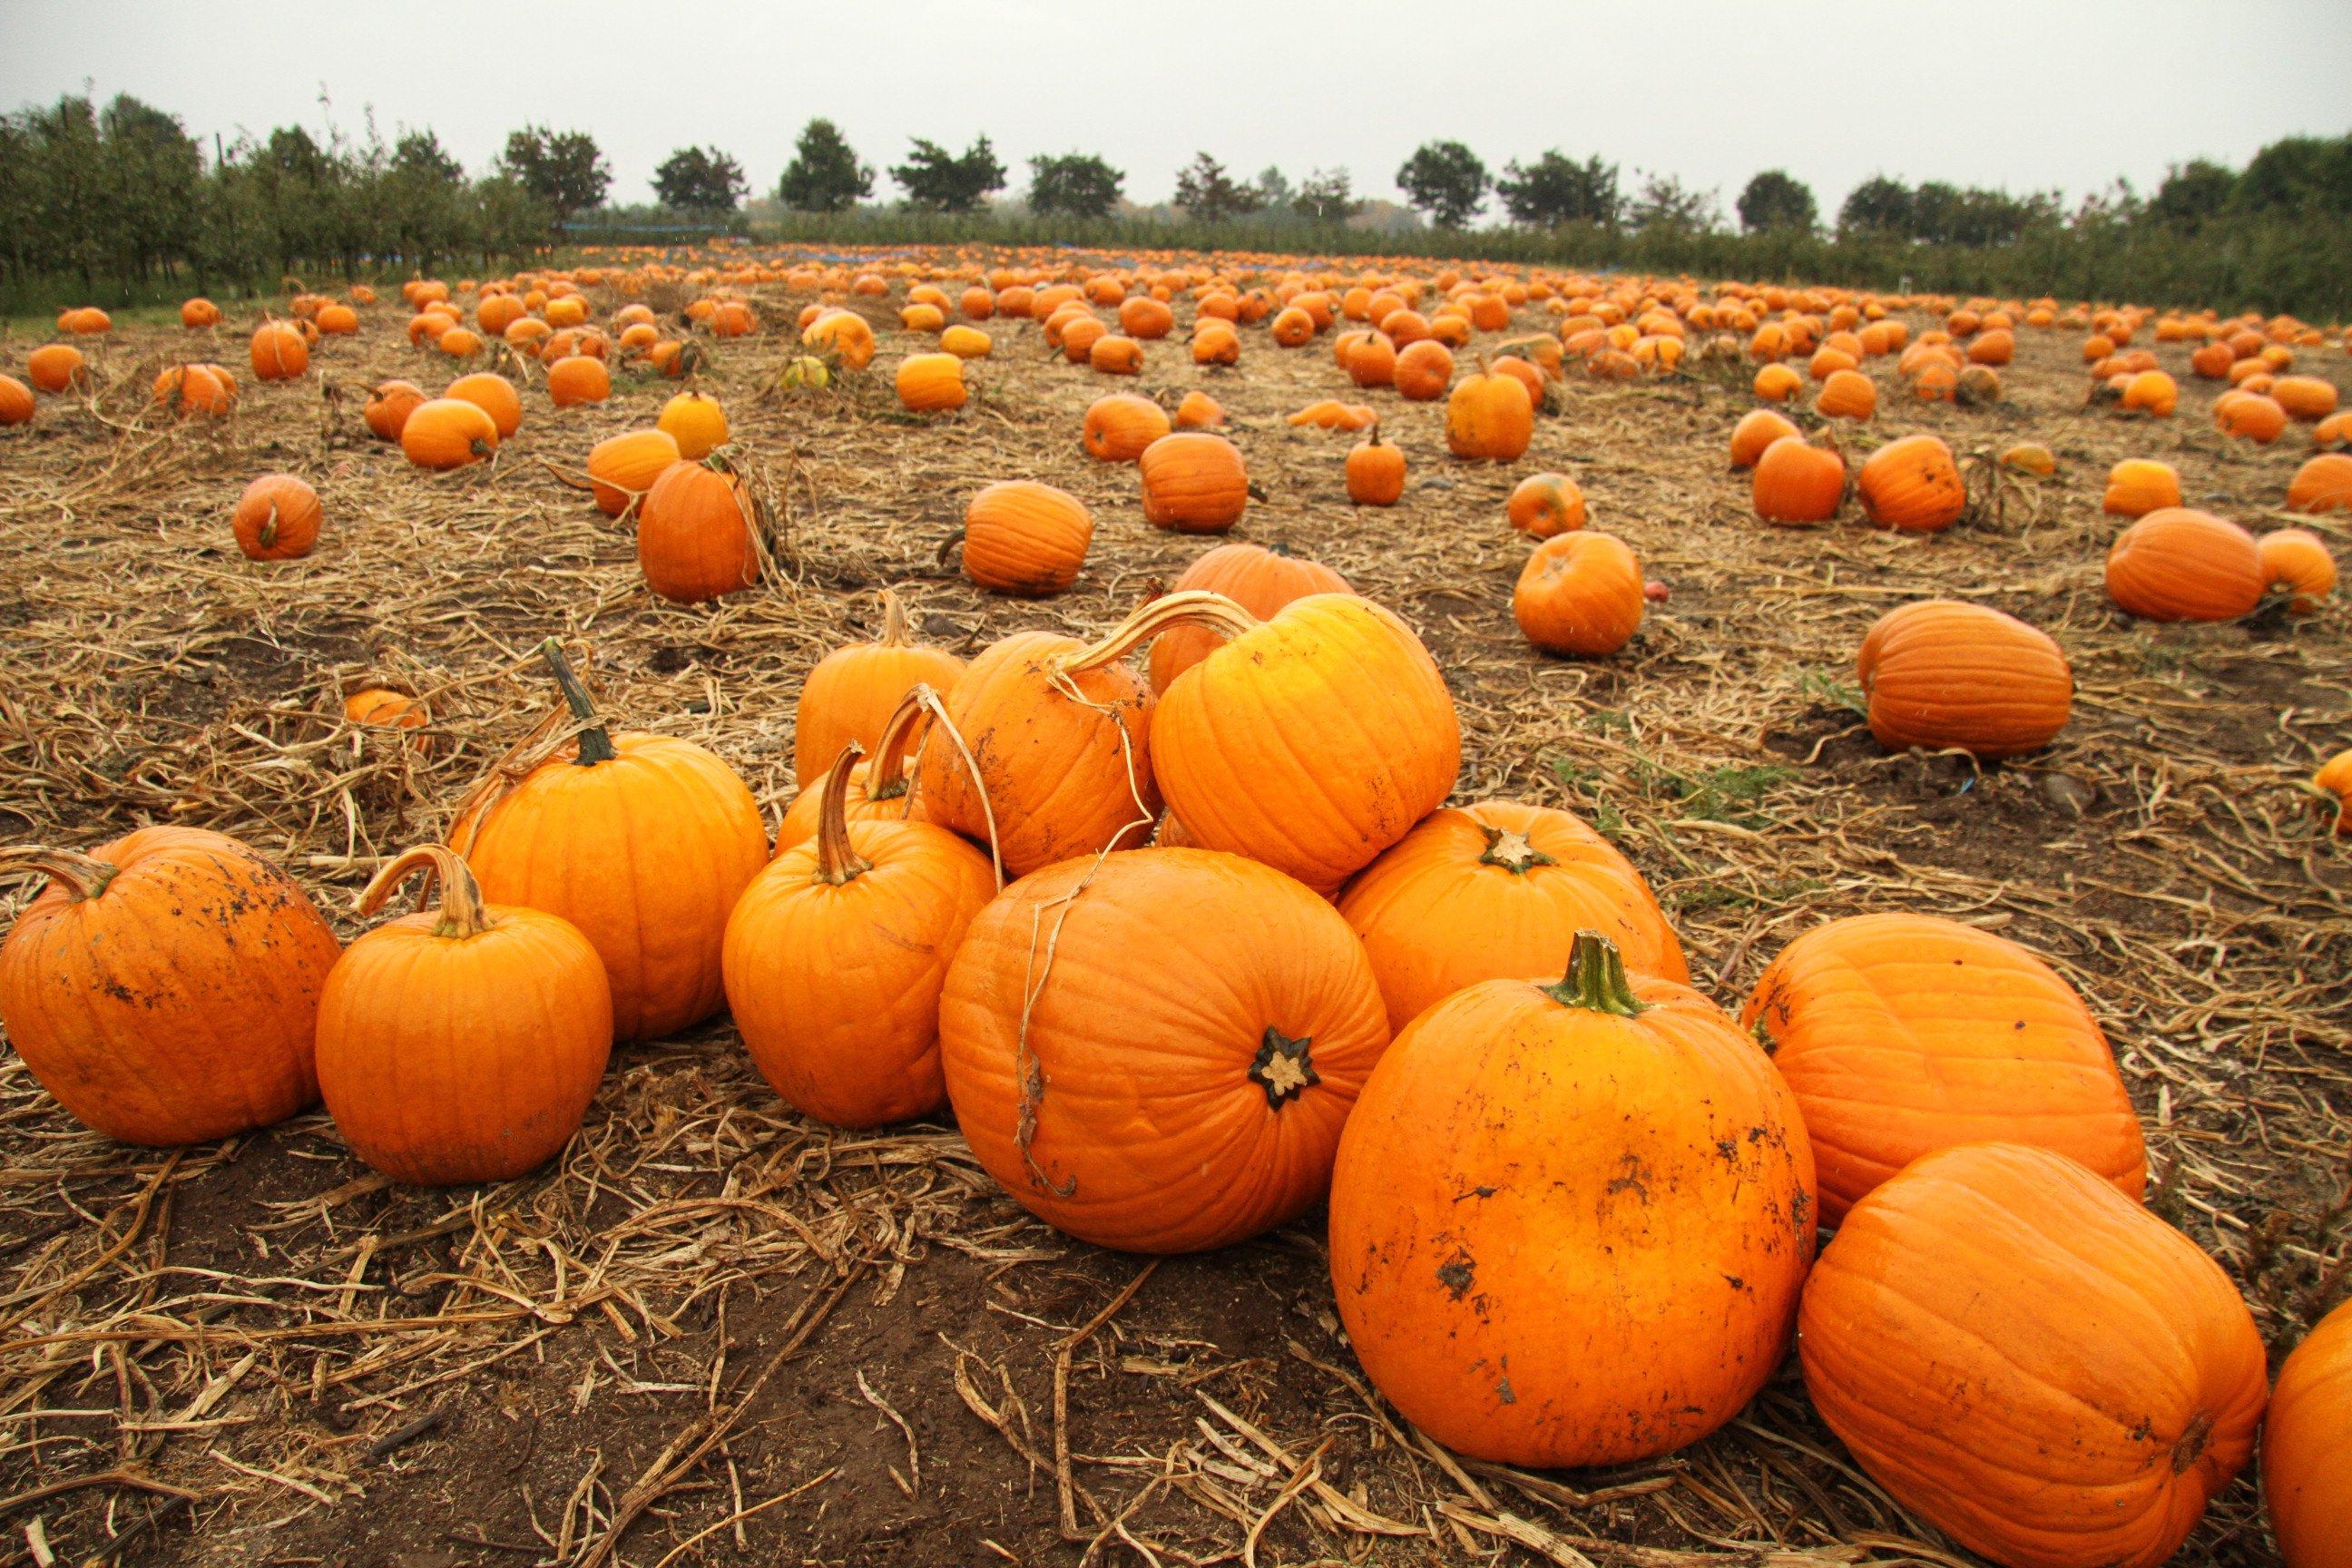 Pumpkin patch halloween autumn wallpaper 2592x1728 - Pumpkin wallpaper fall ...